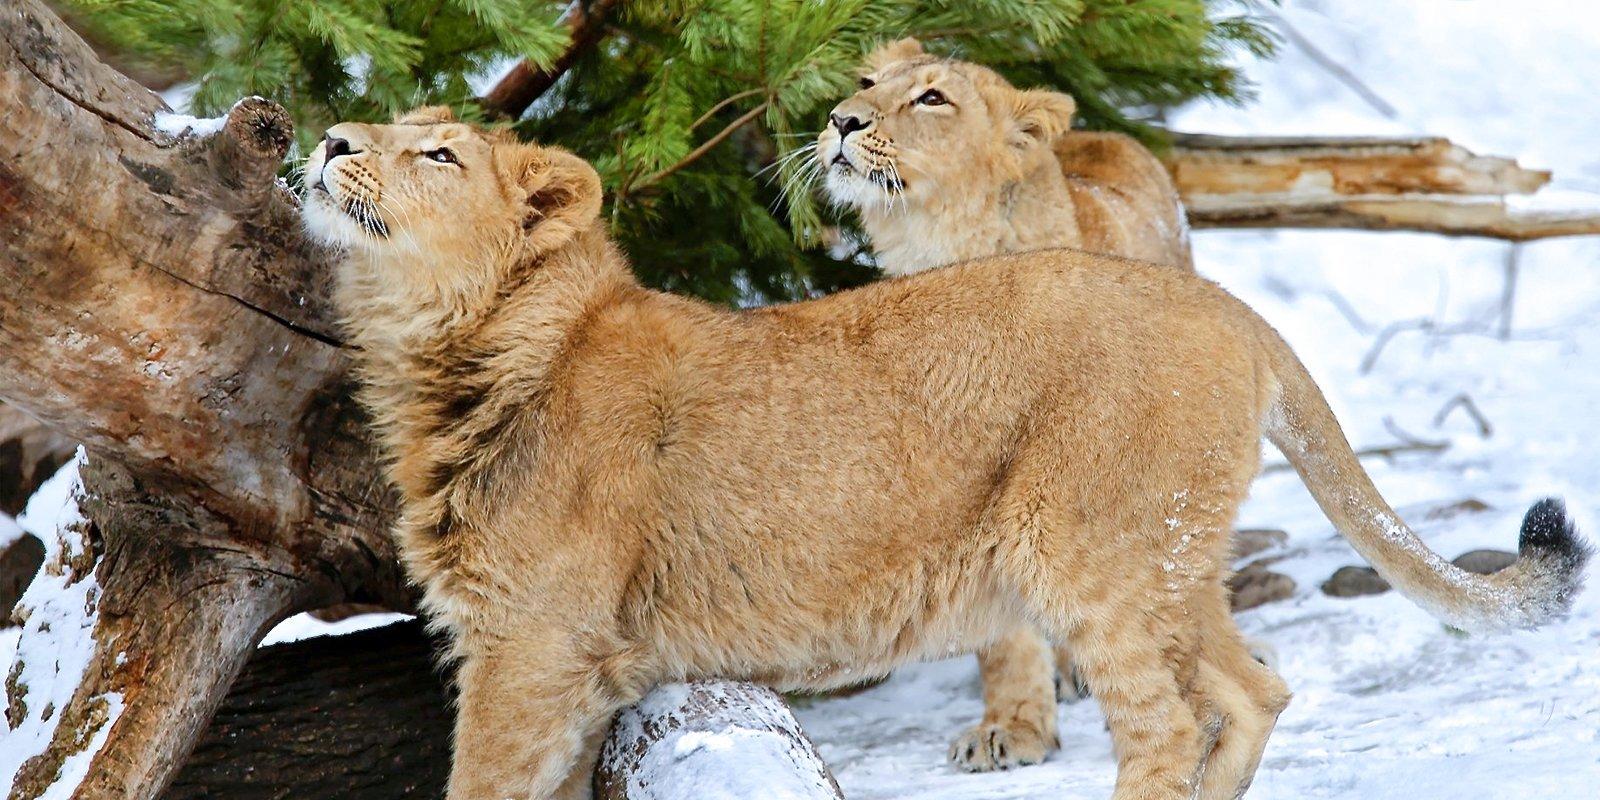 Московский зоопарк объявил 40-процентные скидки перед Новым годом